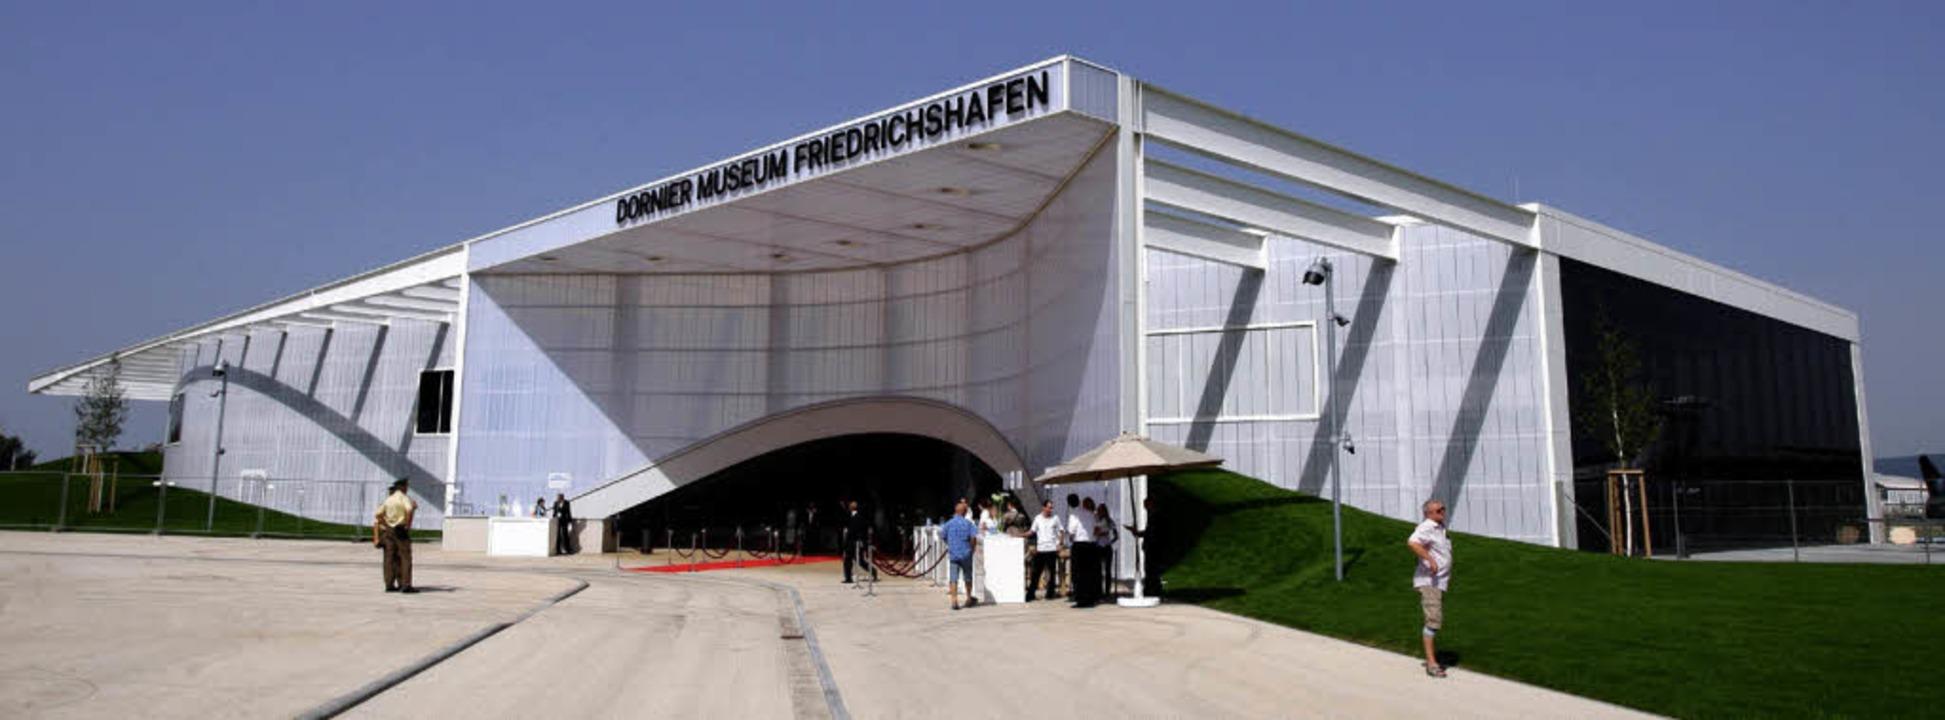 Luftige Garage für die Oldtimer des Himmels: das neue Dornier-Museum   | Foto: dpa